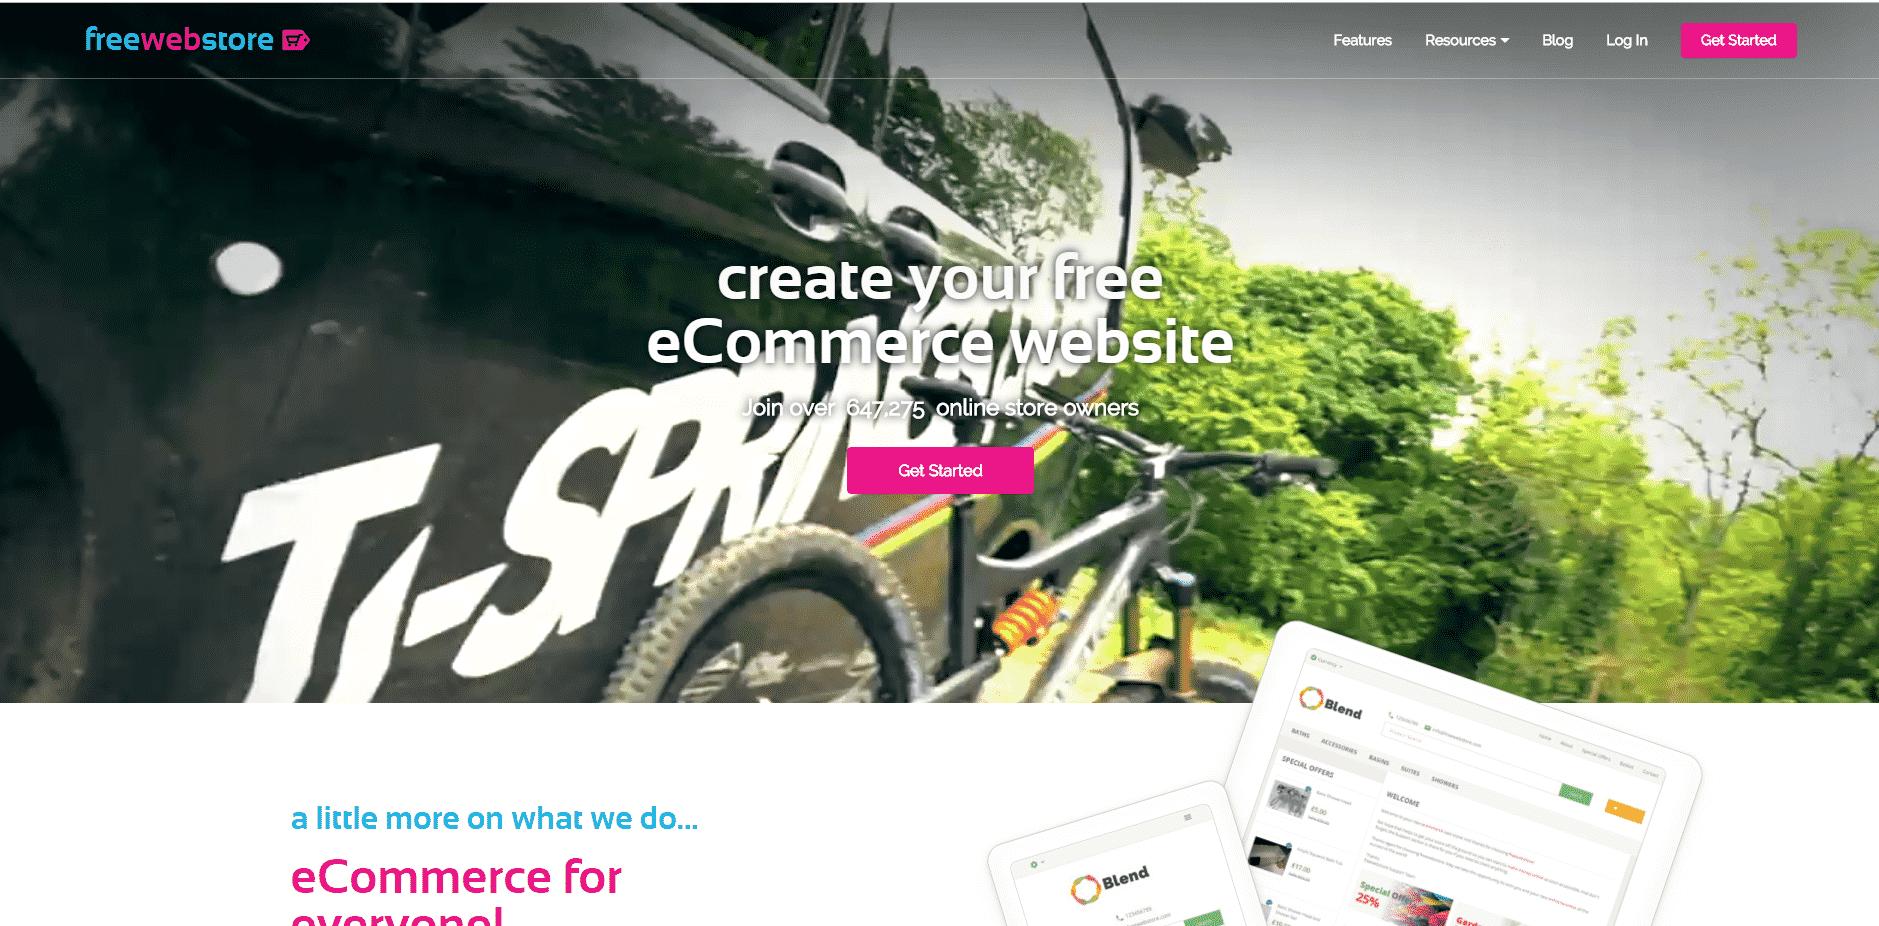 مراجعة Freewebstore إنشاء متجر إلكتروني مجانا بديل شوبيفاي